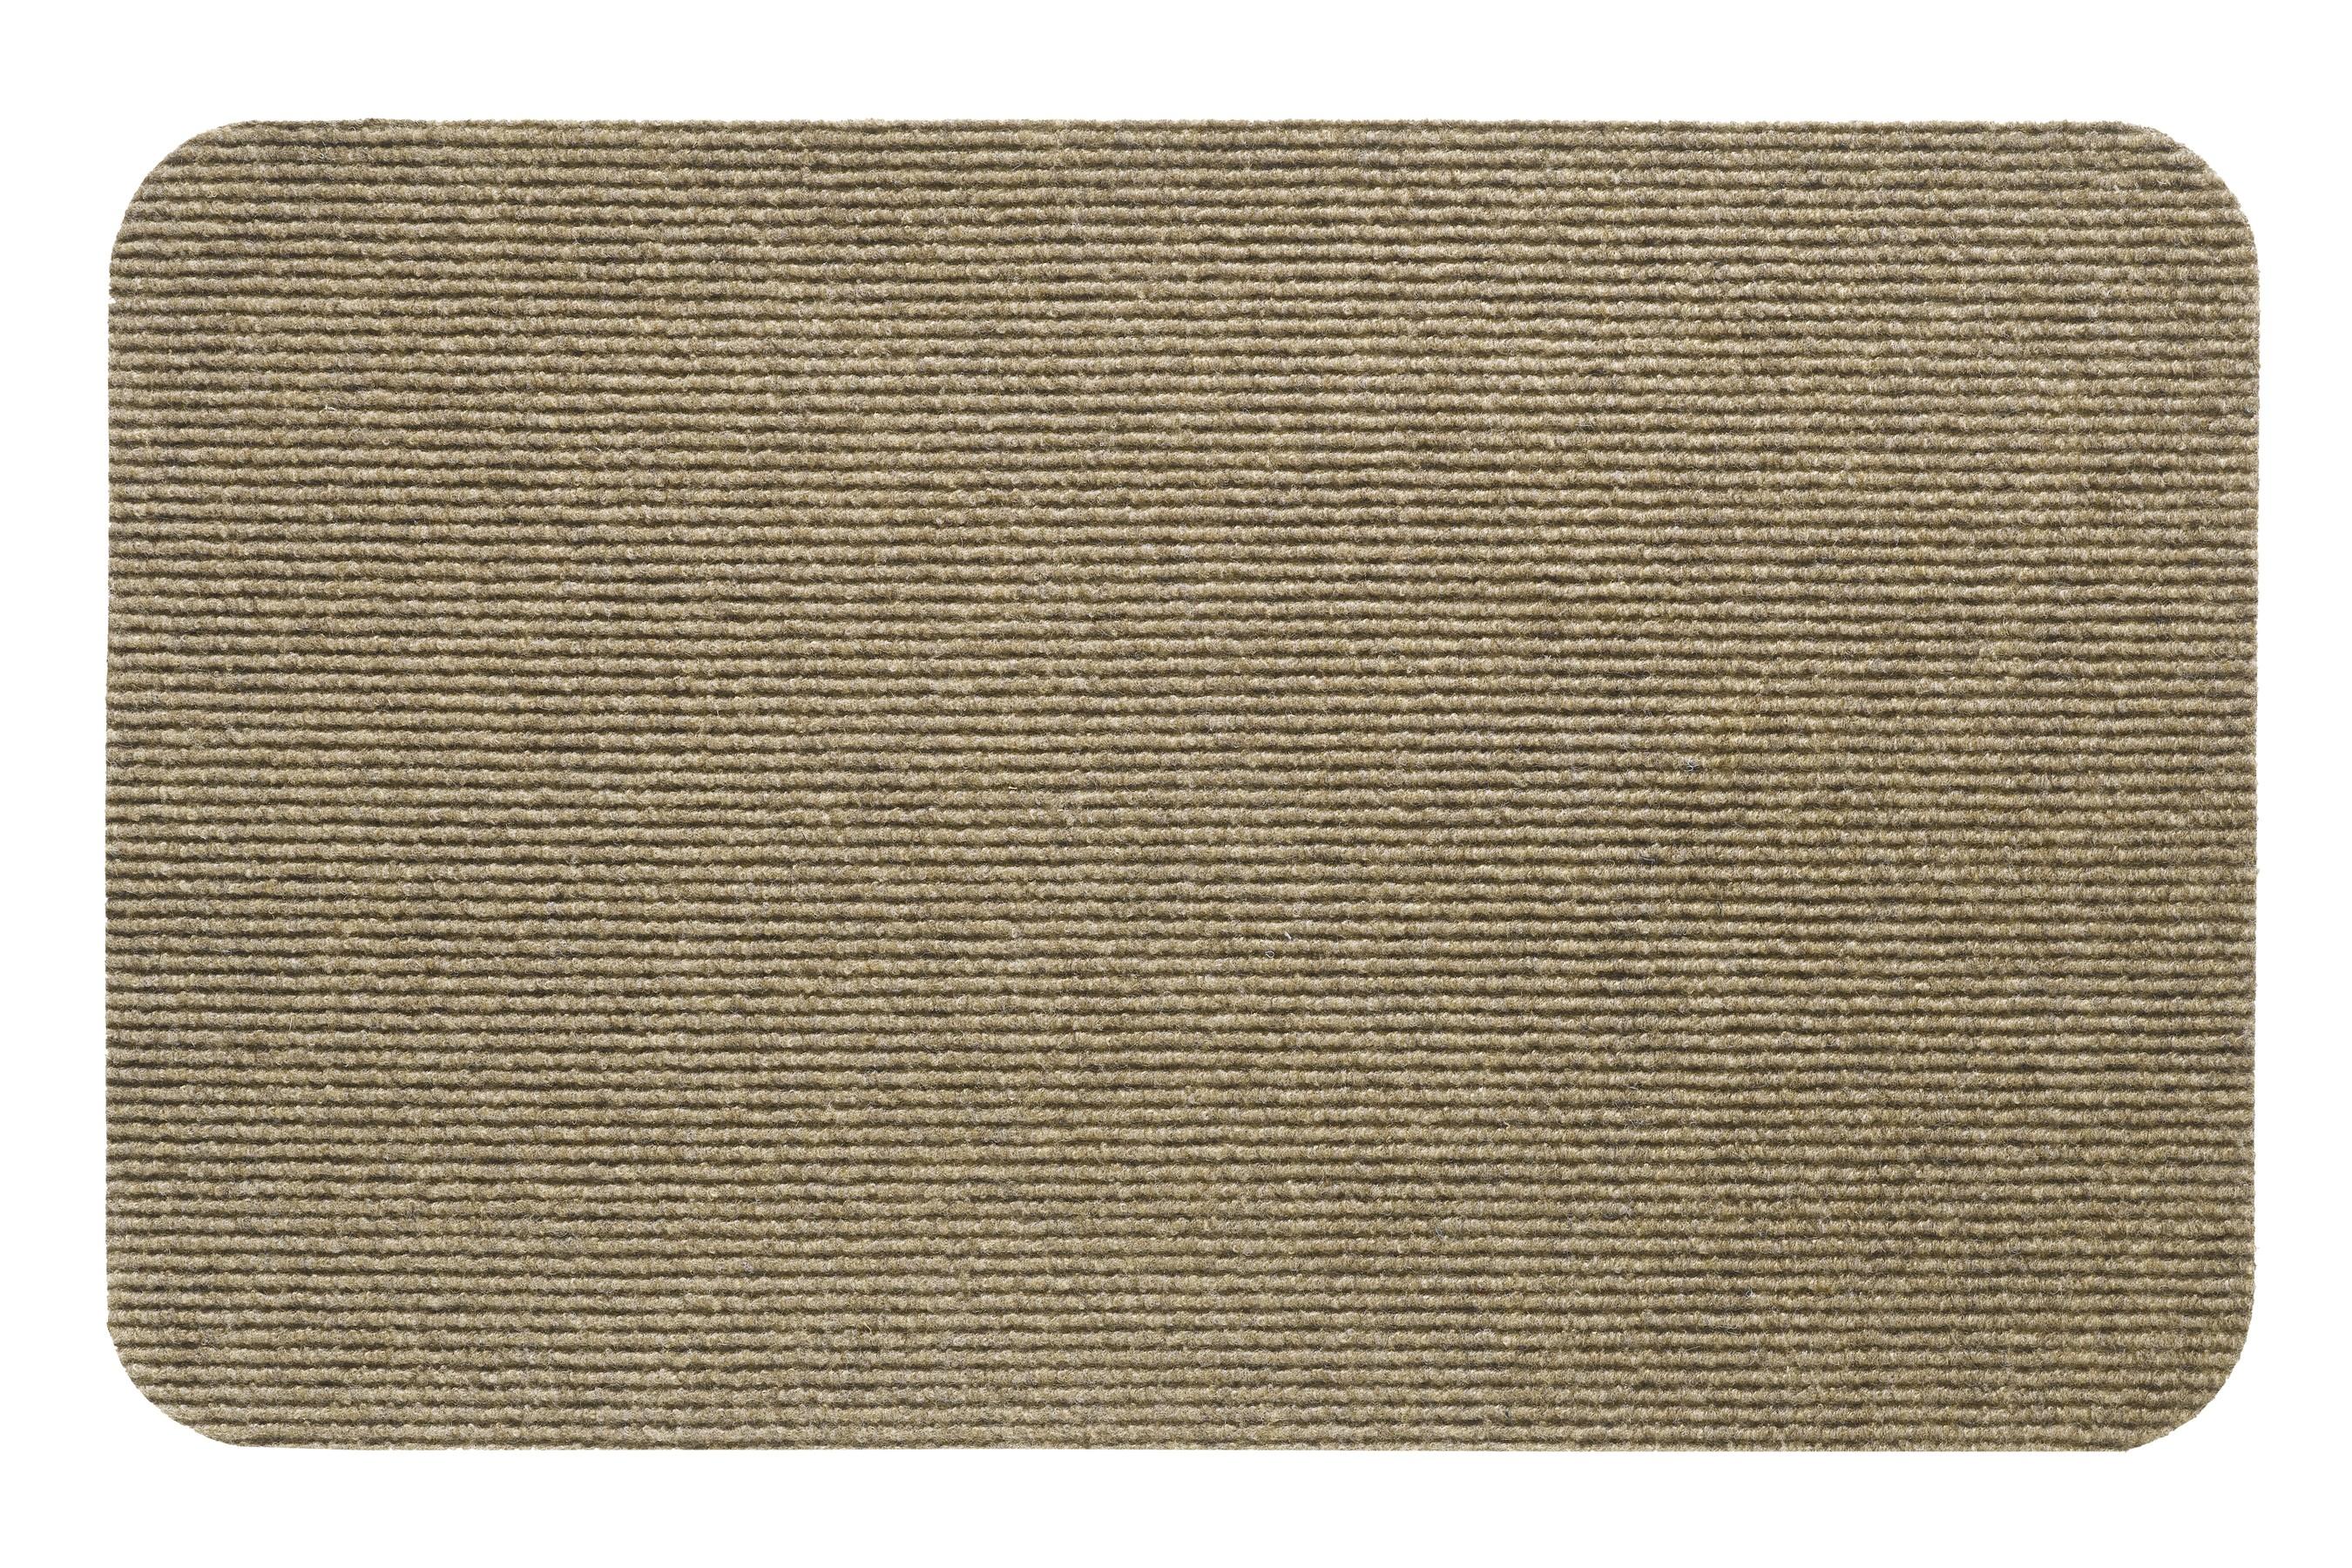 Hamat Fußmatte / Nadelfilzmatte Speedy 40x60cm beige Bild 1